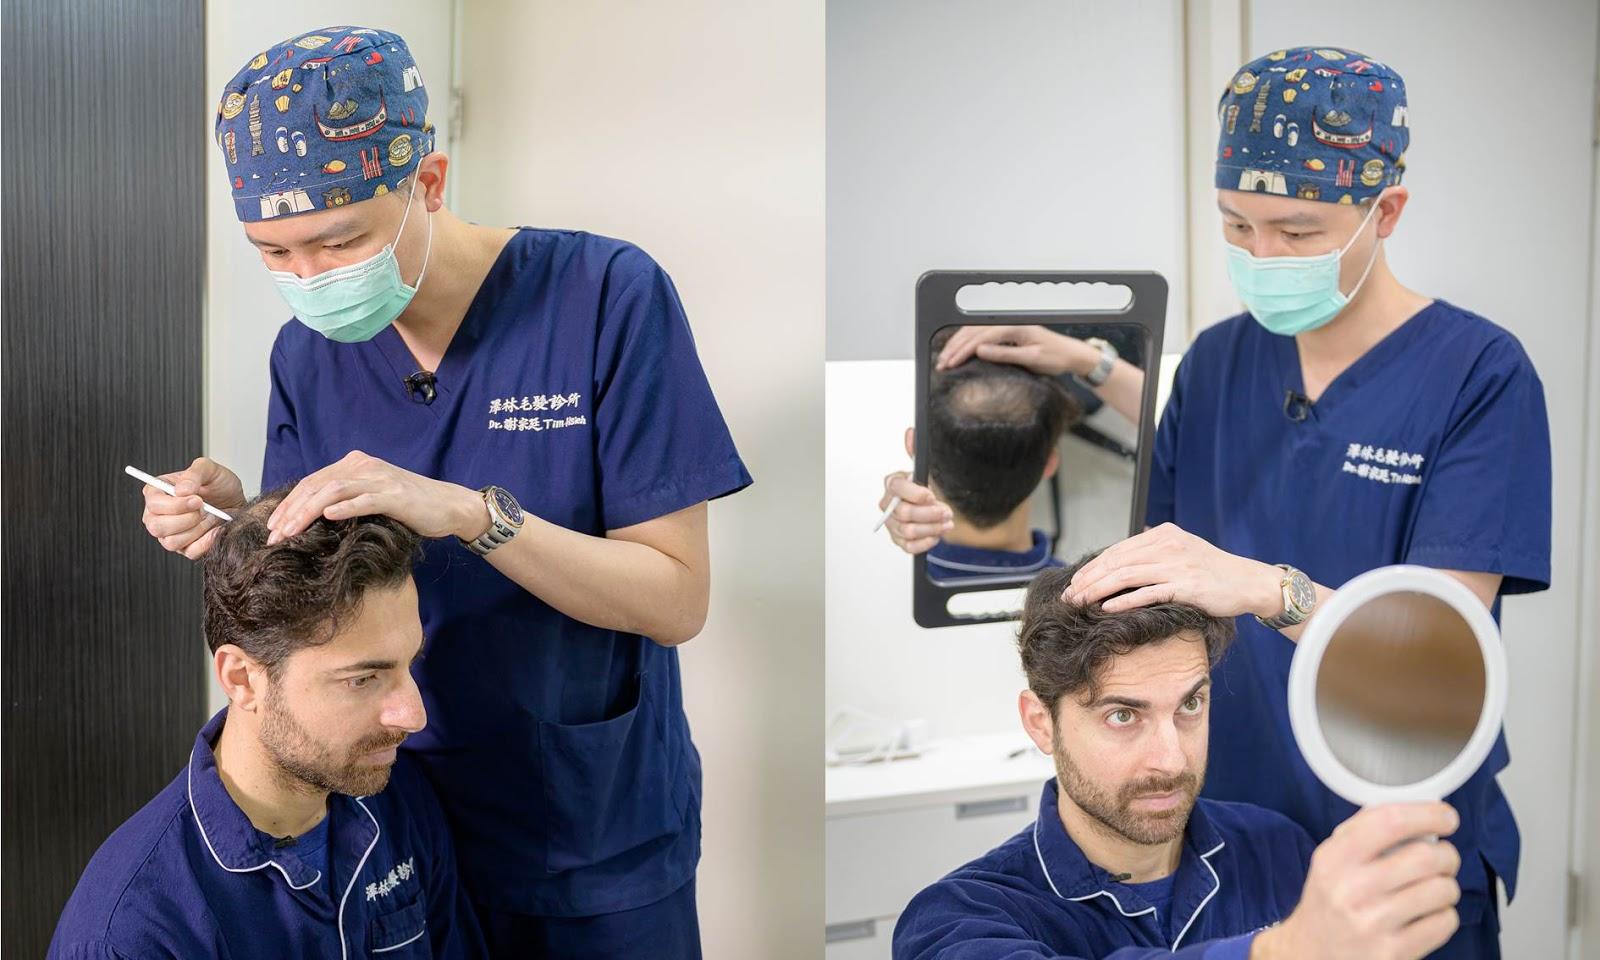 植髮手術|謝宗廷醫師|醫師親自諮詢評估